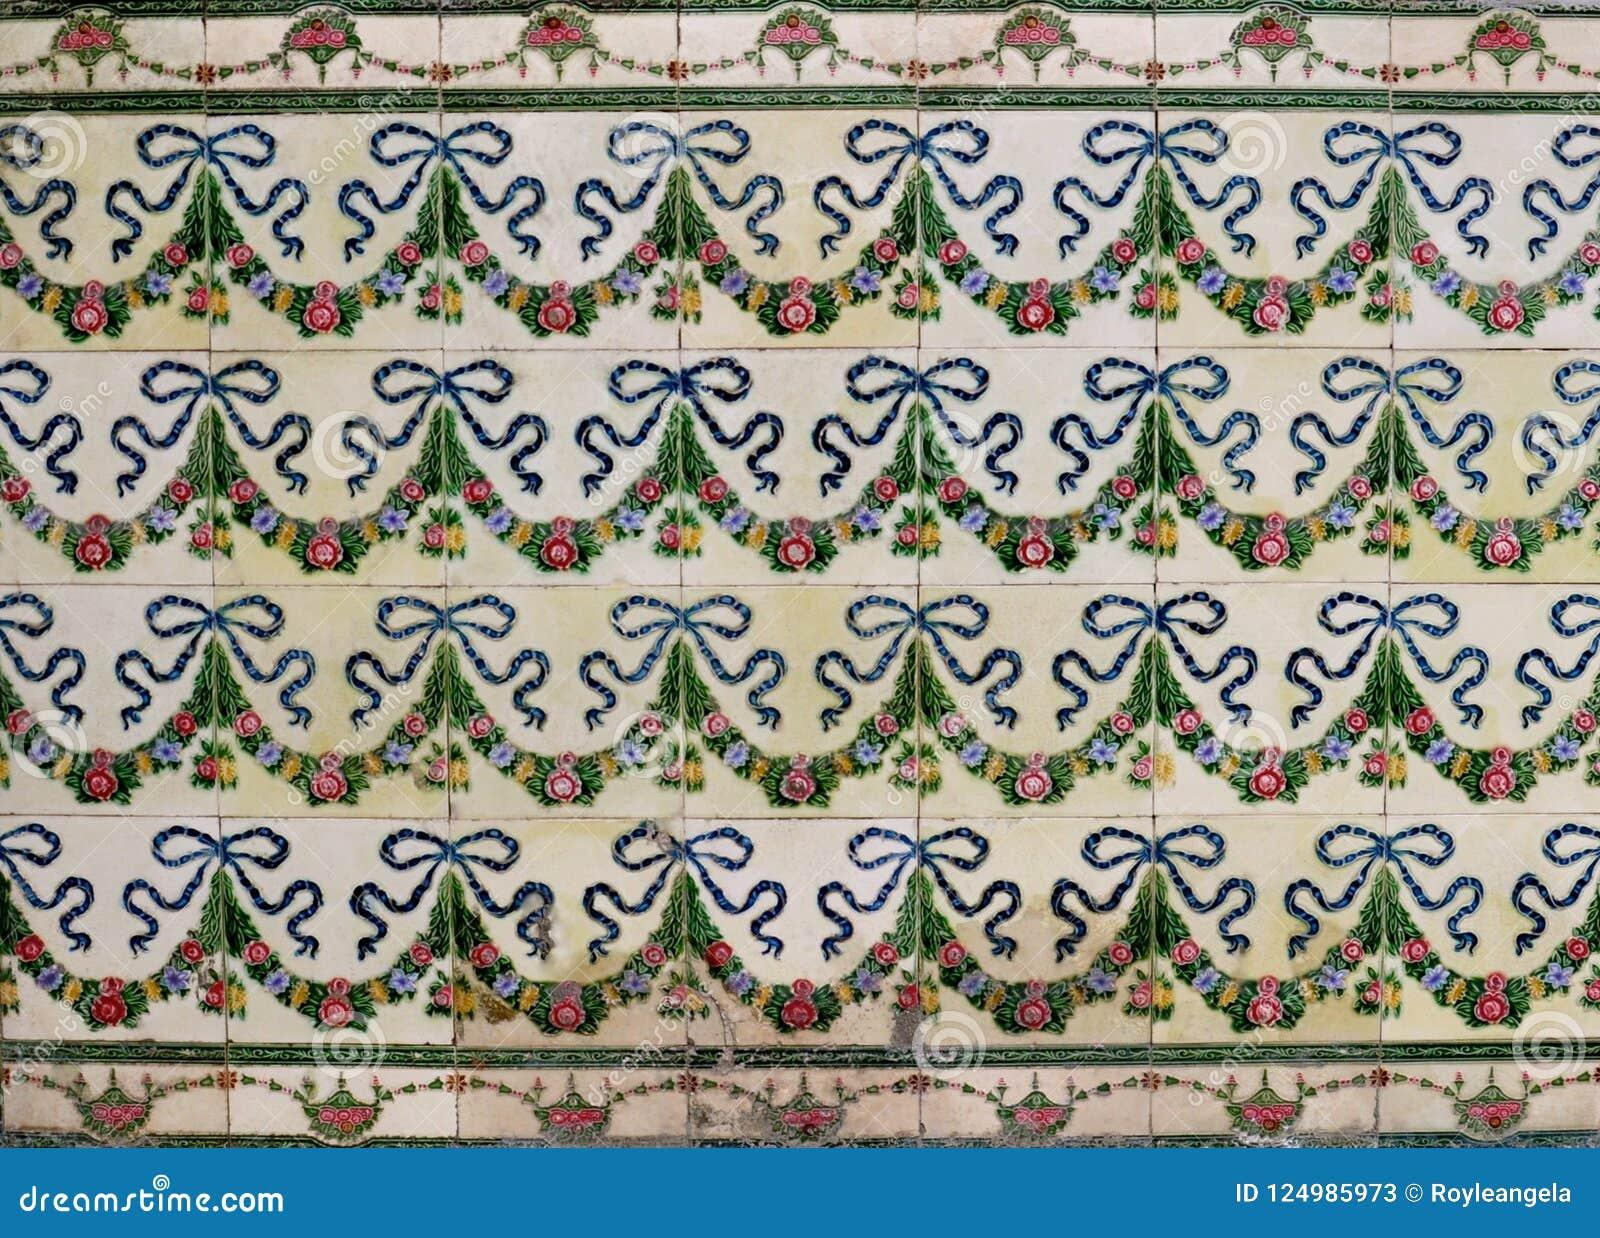 Piastrelle Di Ceramica Decorate.Piastrelle Di Ceramica Con I Modelli Floreali Di Una